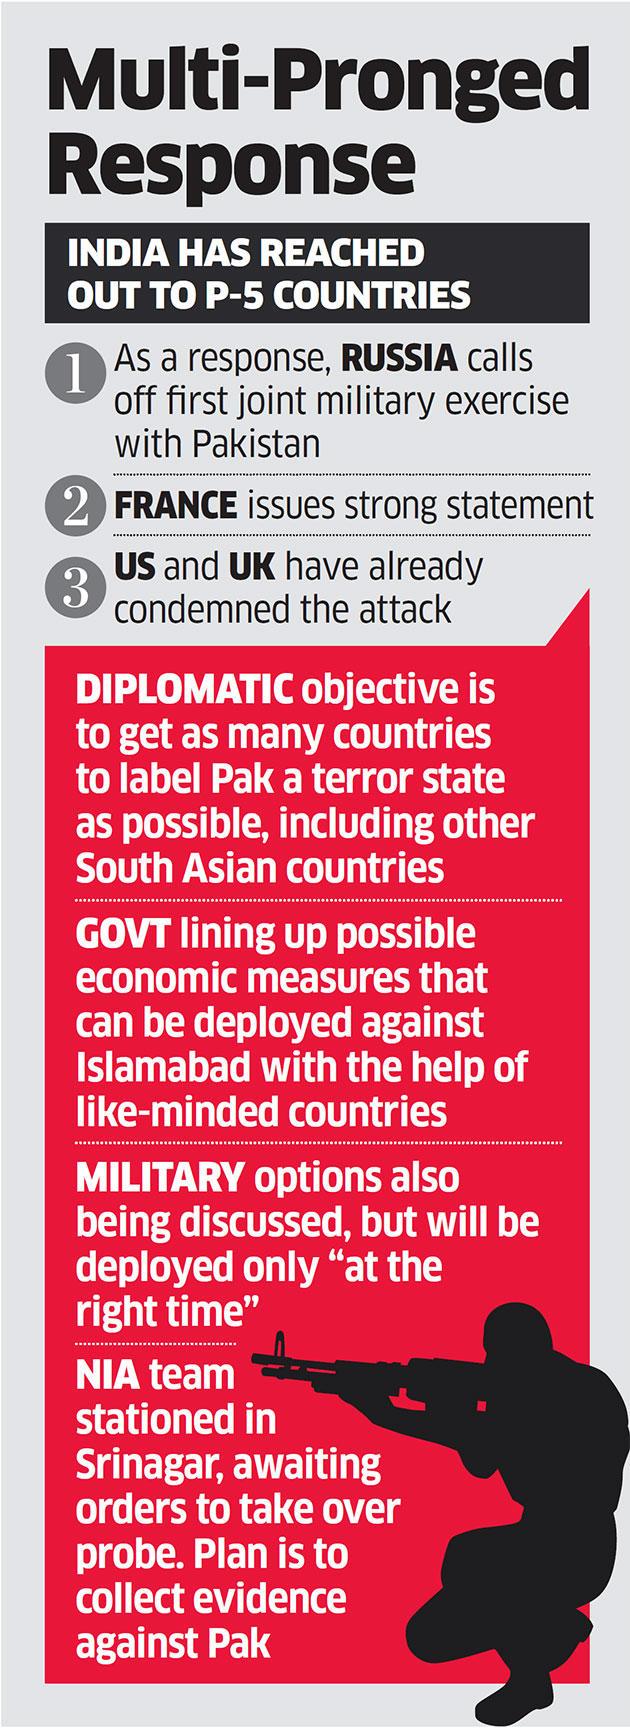 Uri terror attack: No knee-jerk response, government mulls graded options